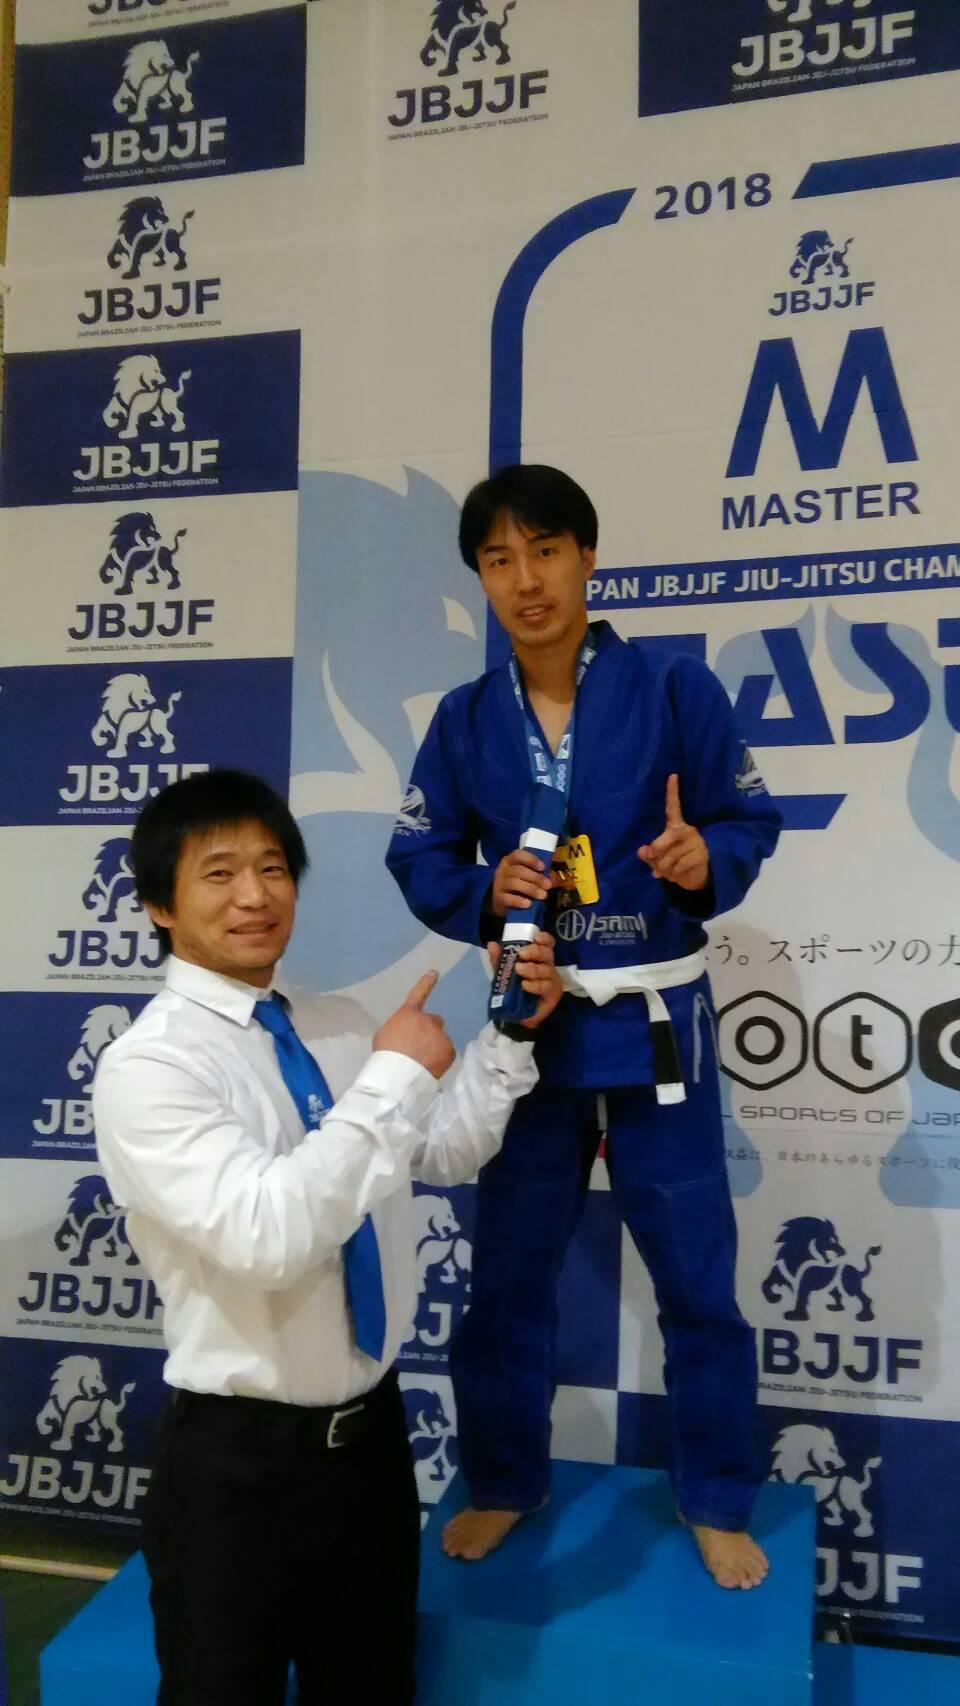 日本ブラジリアン柔術連盟|第2回東日本マスター柔術選手権|大会写真